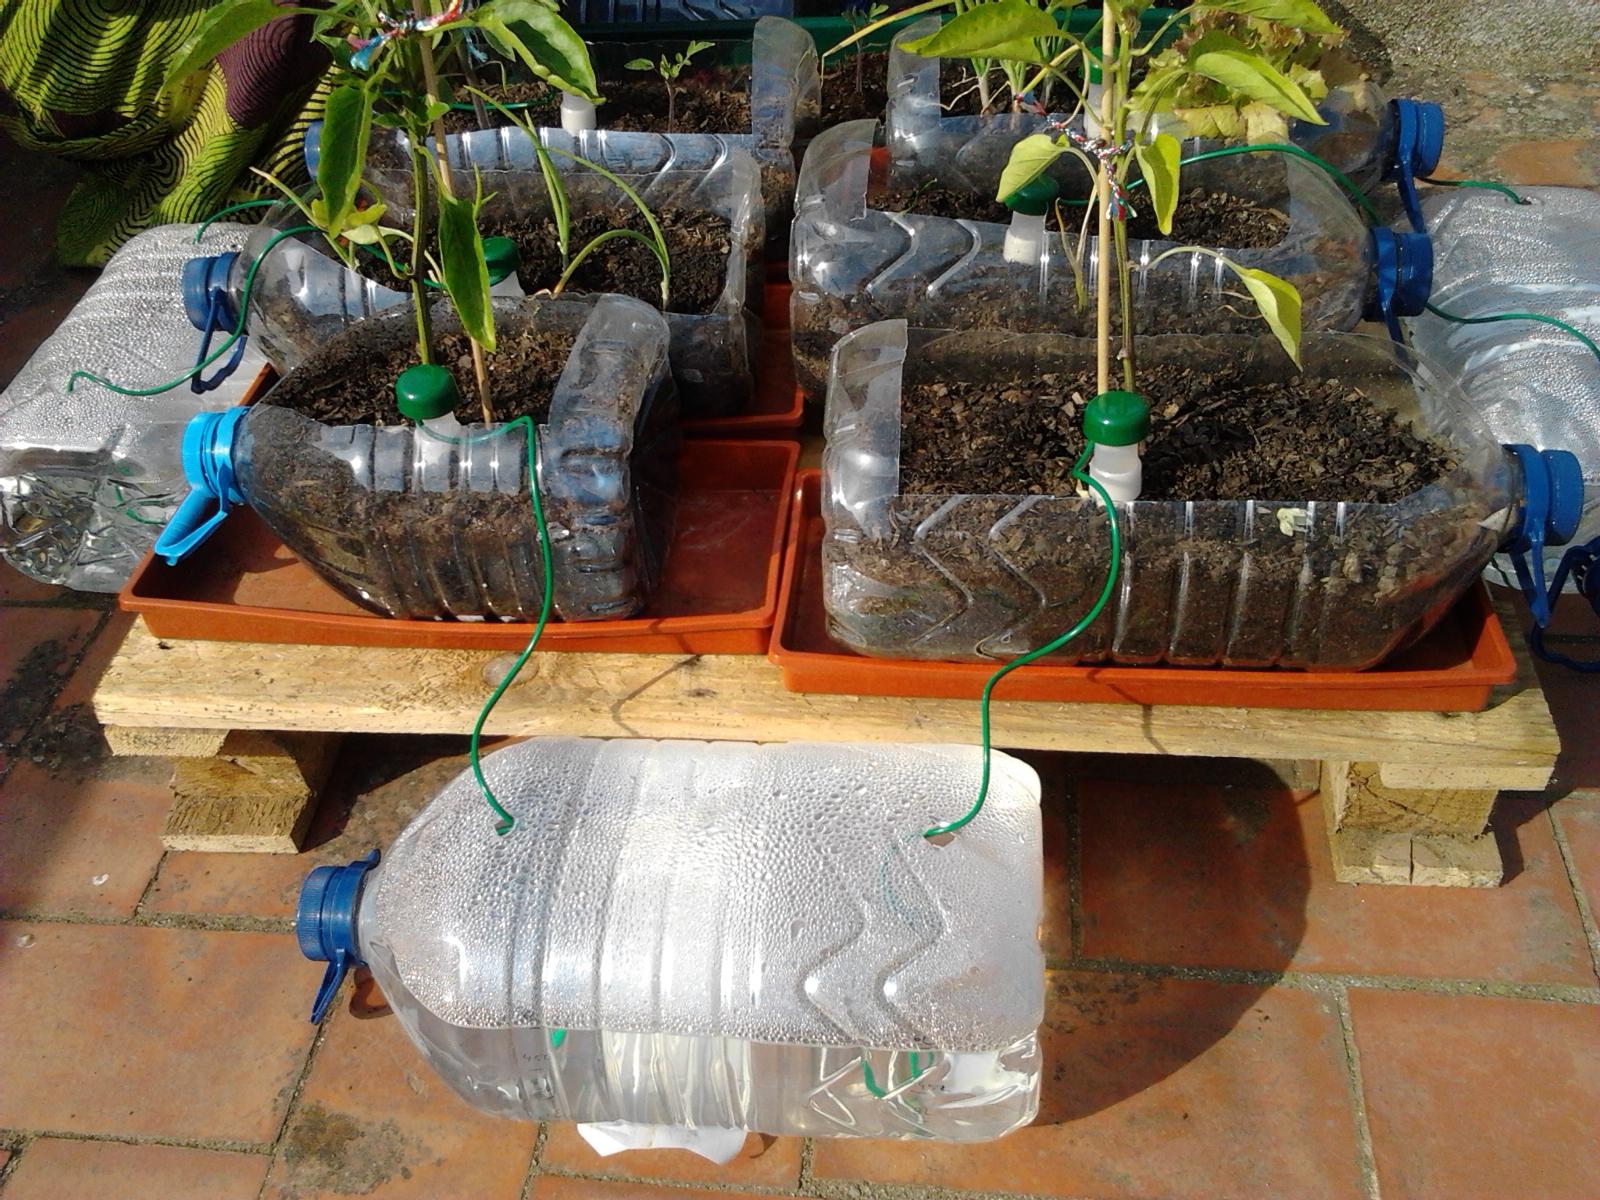 Riego autom tico de huerto urbano viviendomochiler s for Aspersores para riego de jardin